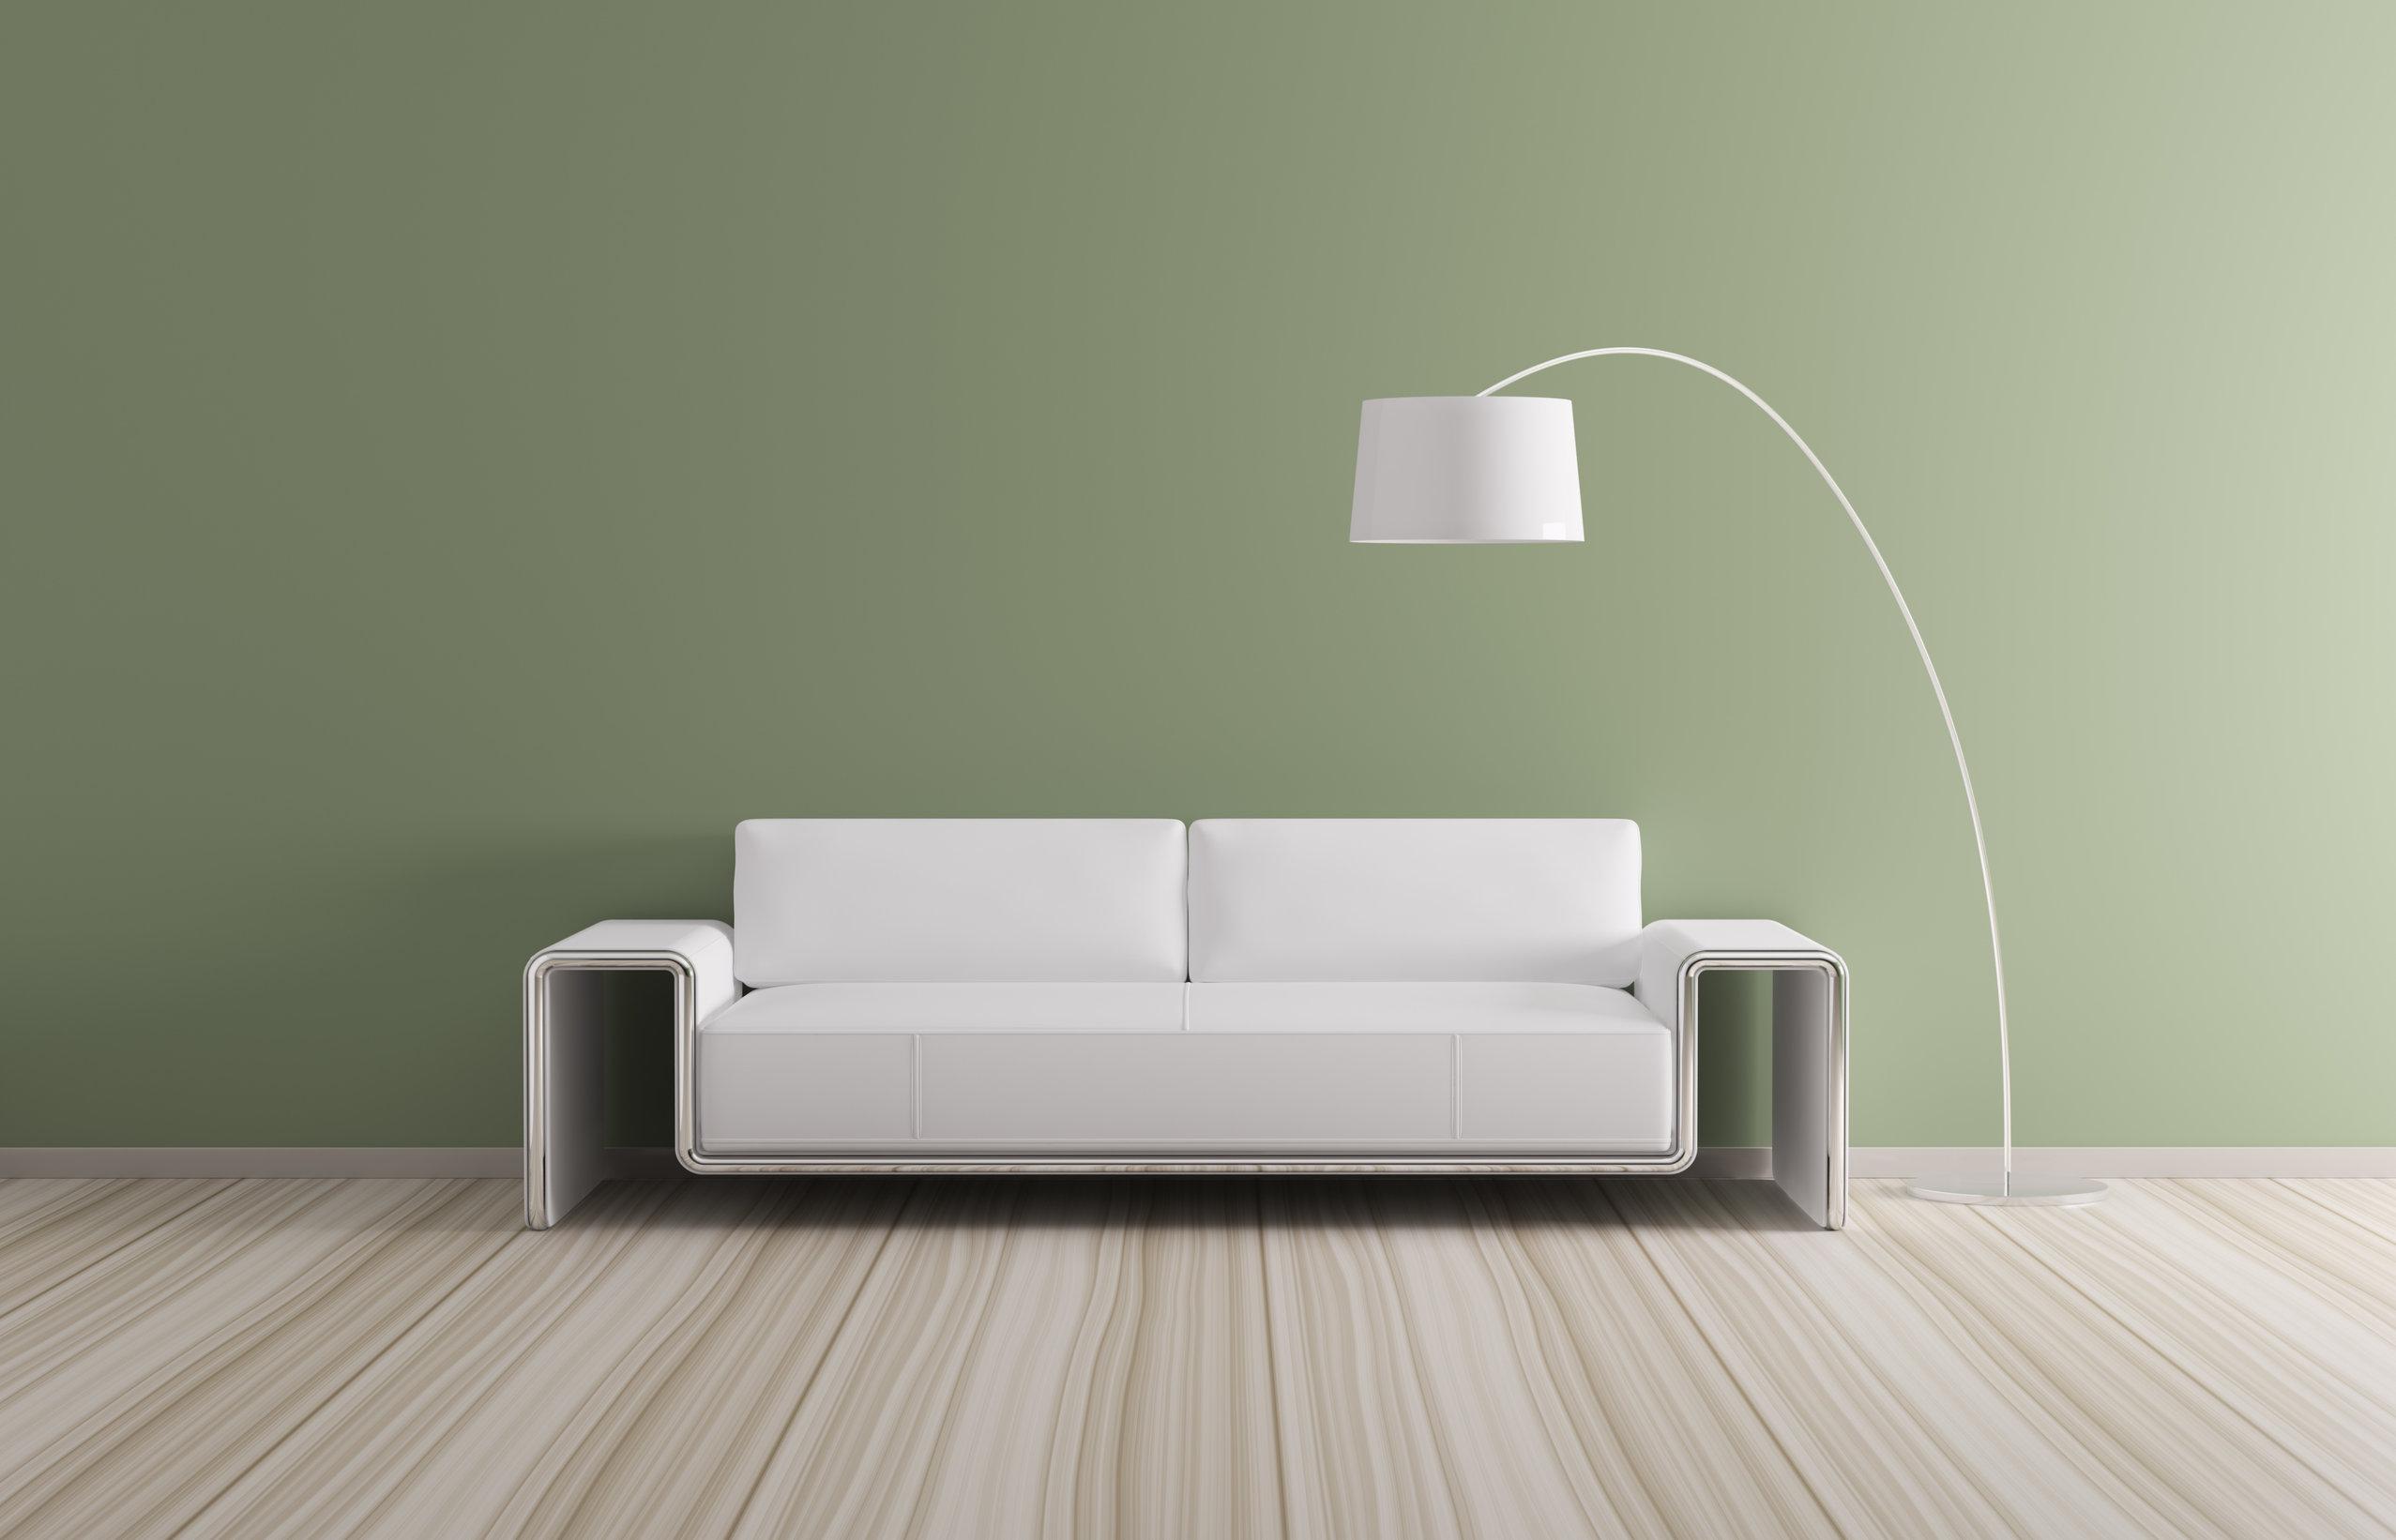 Lampara de pie en sala de estar